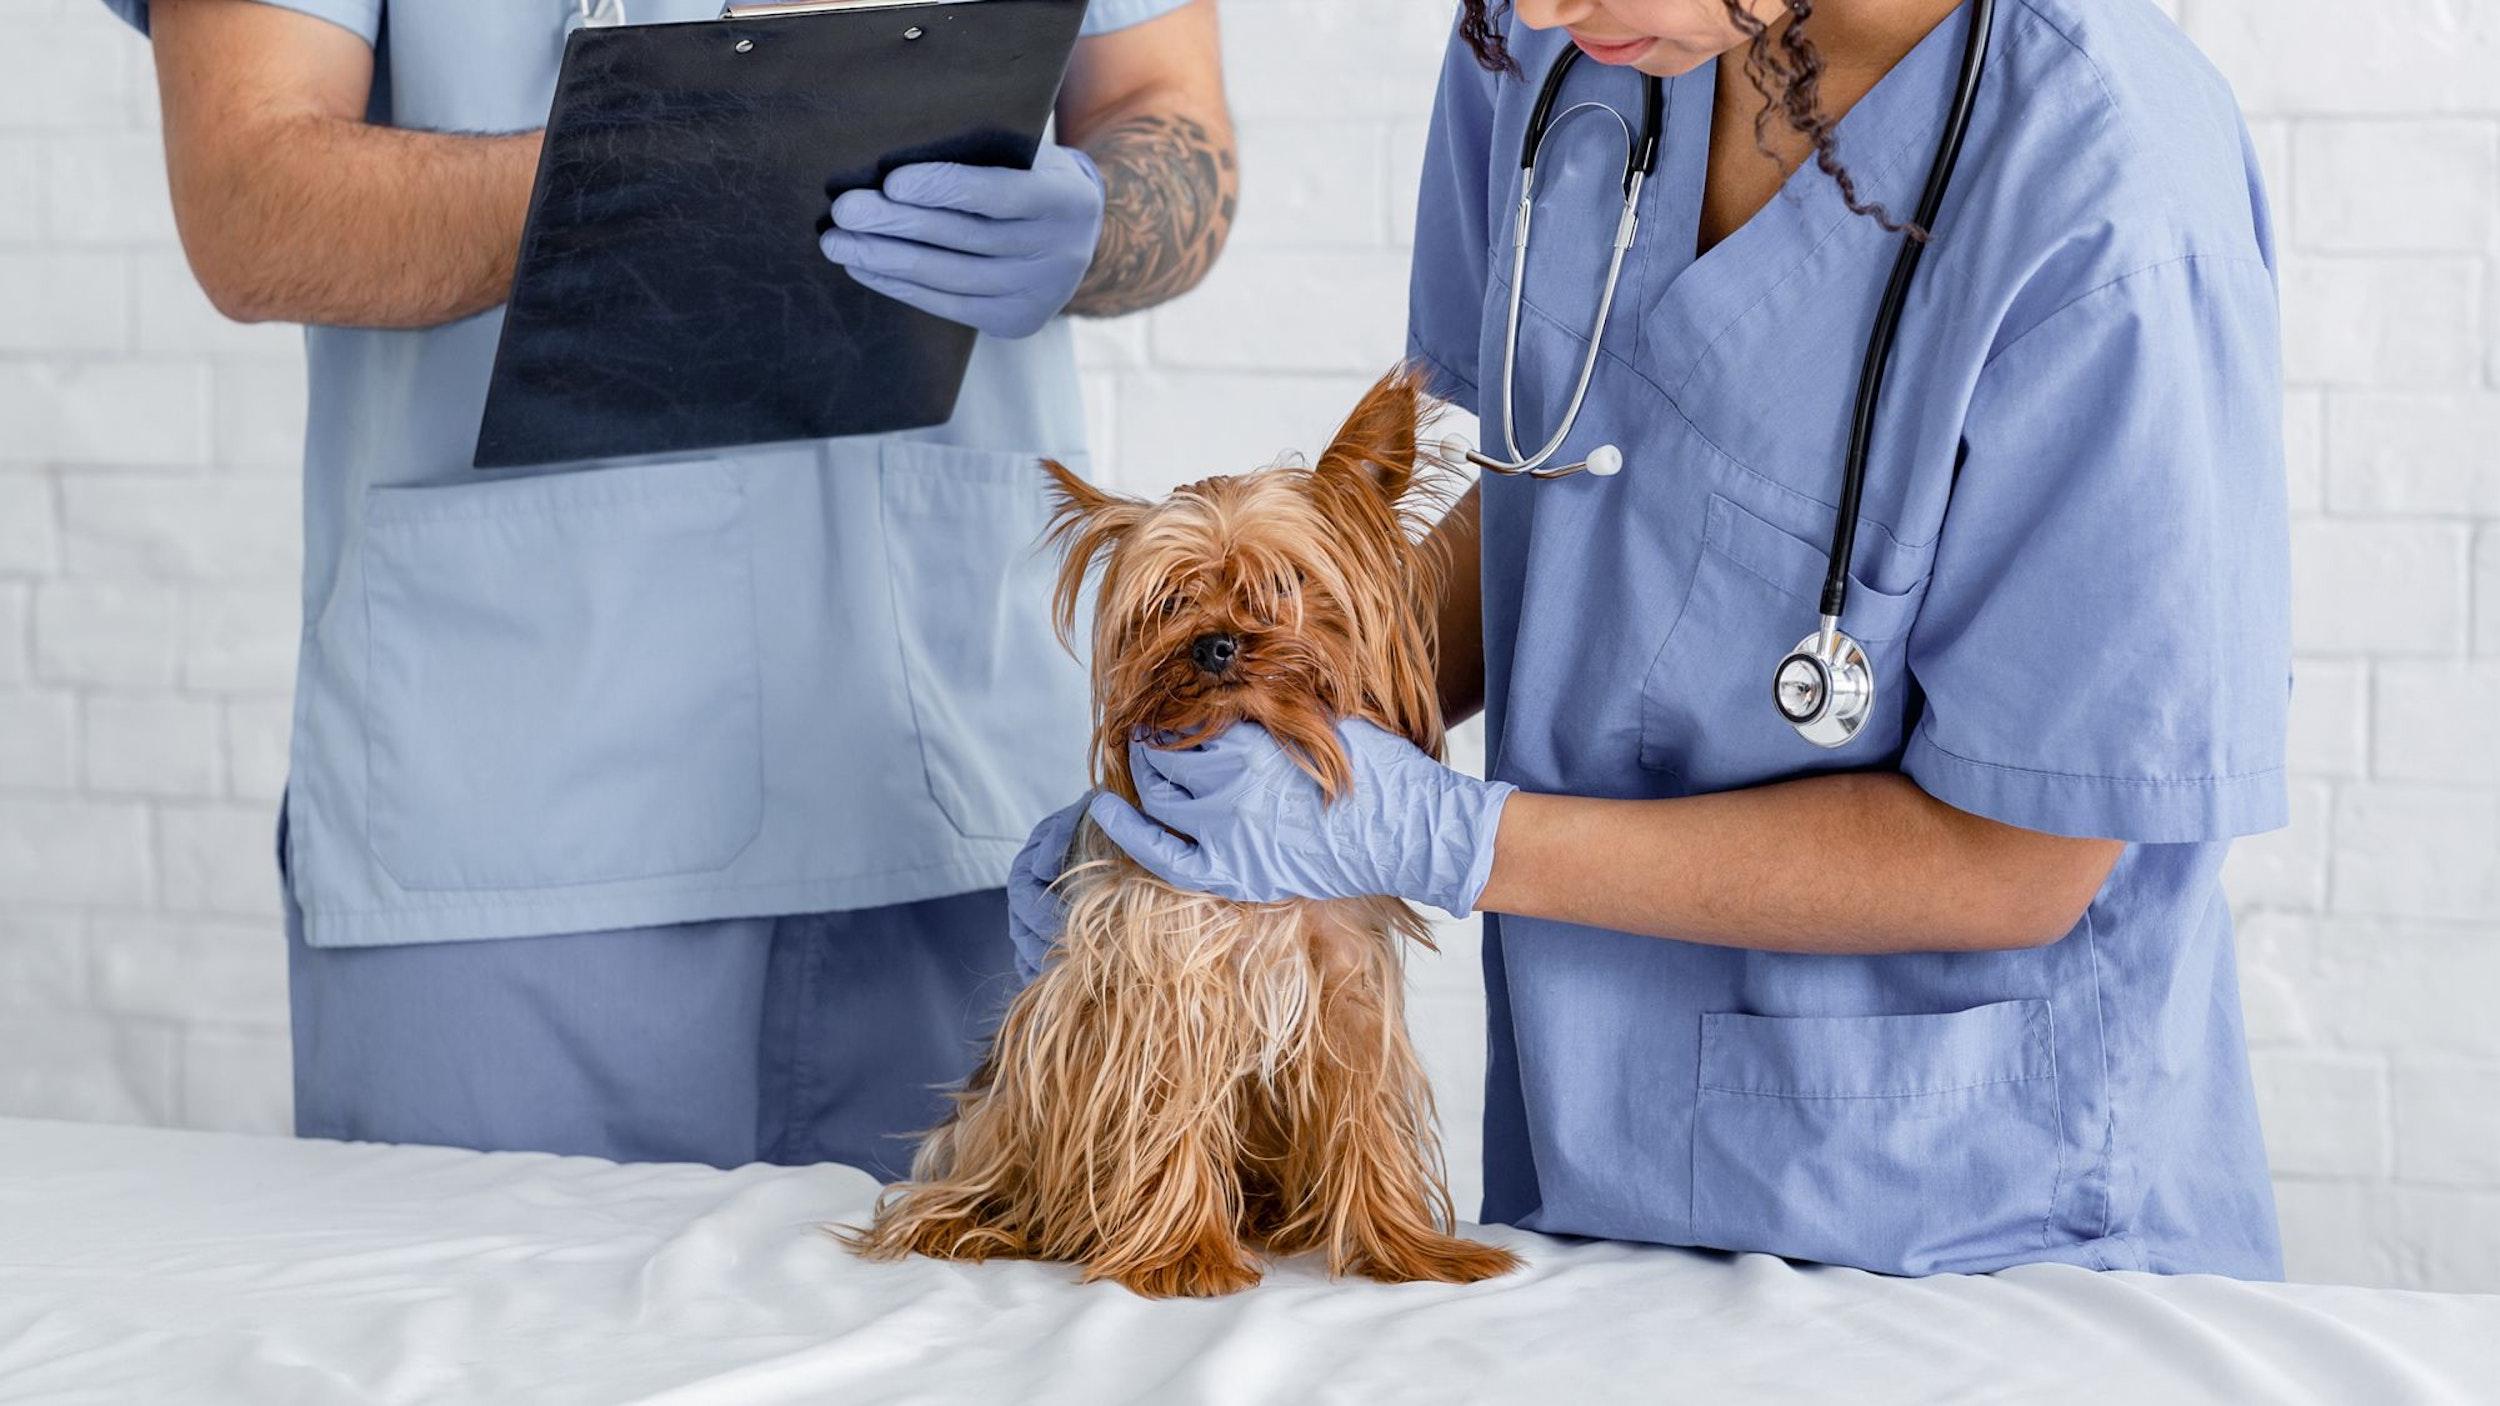 สัตวแพทย์สองคนกำลังตรวจสุนัขสีน้ำตาล